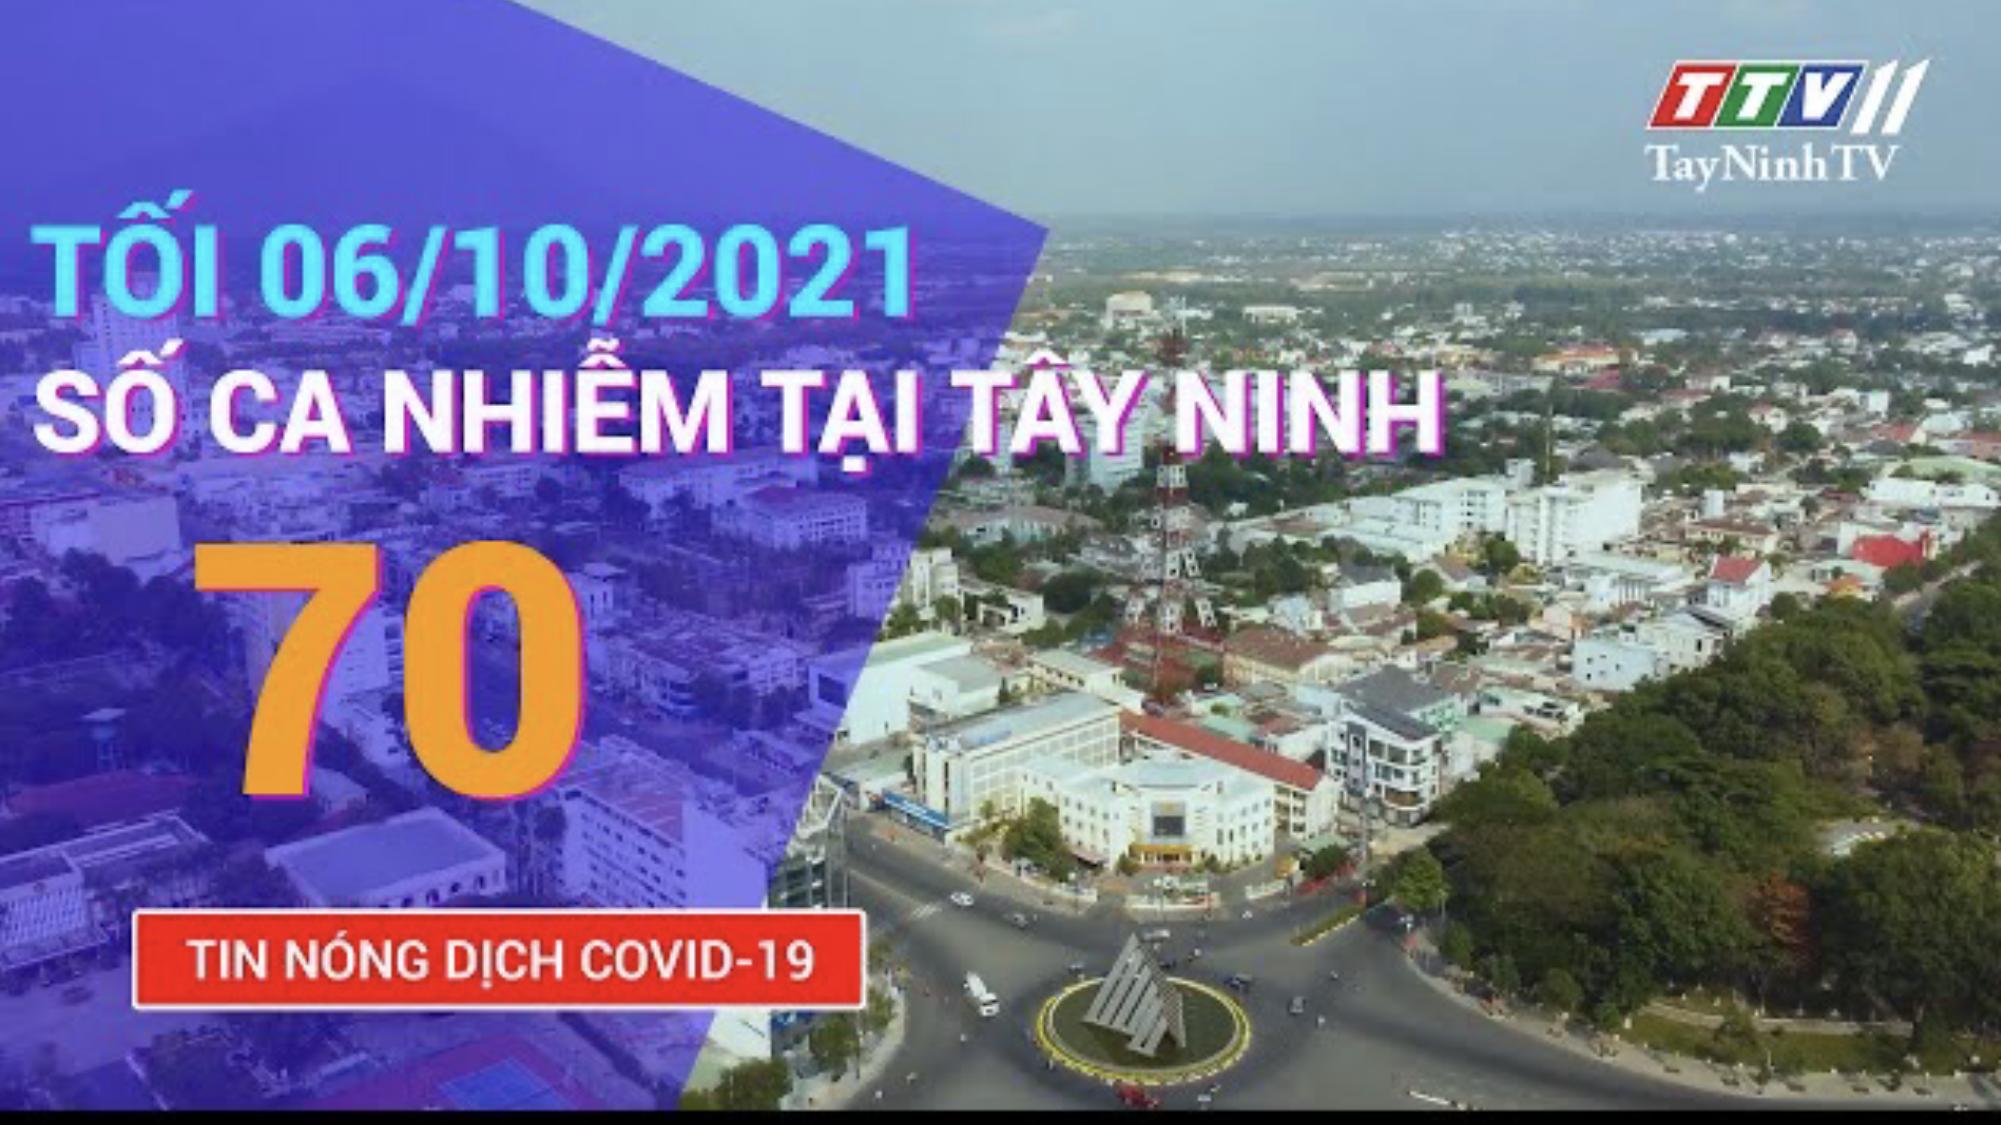 TIN TỨC COVID-19 TỐI NGÀY 06/10/2021 | Tin tức hôm nay | TayNinhTV